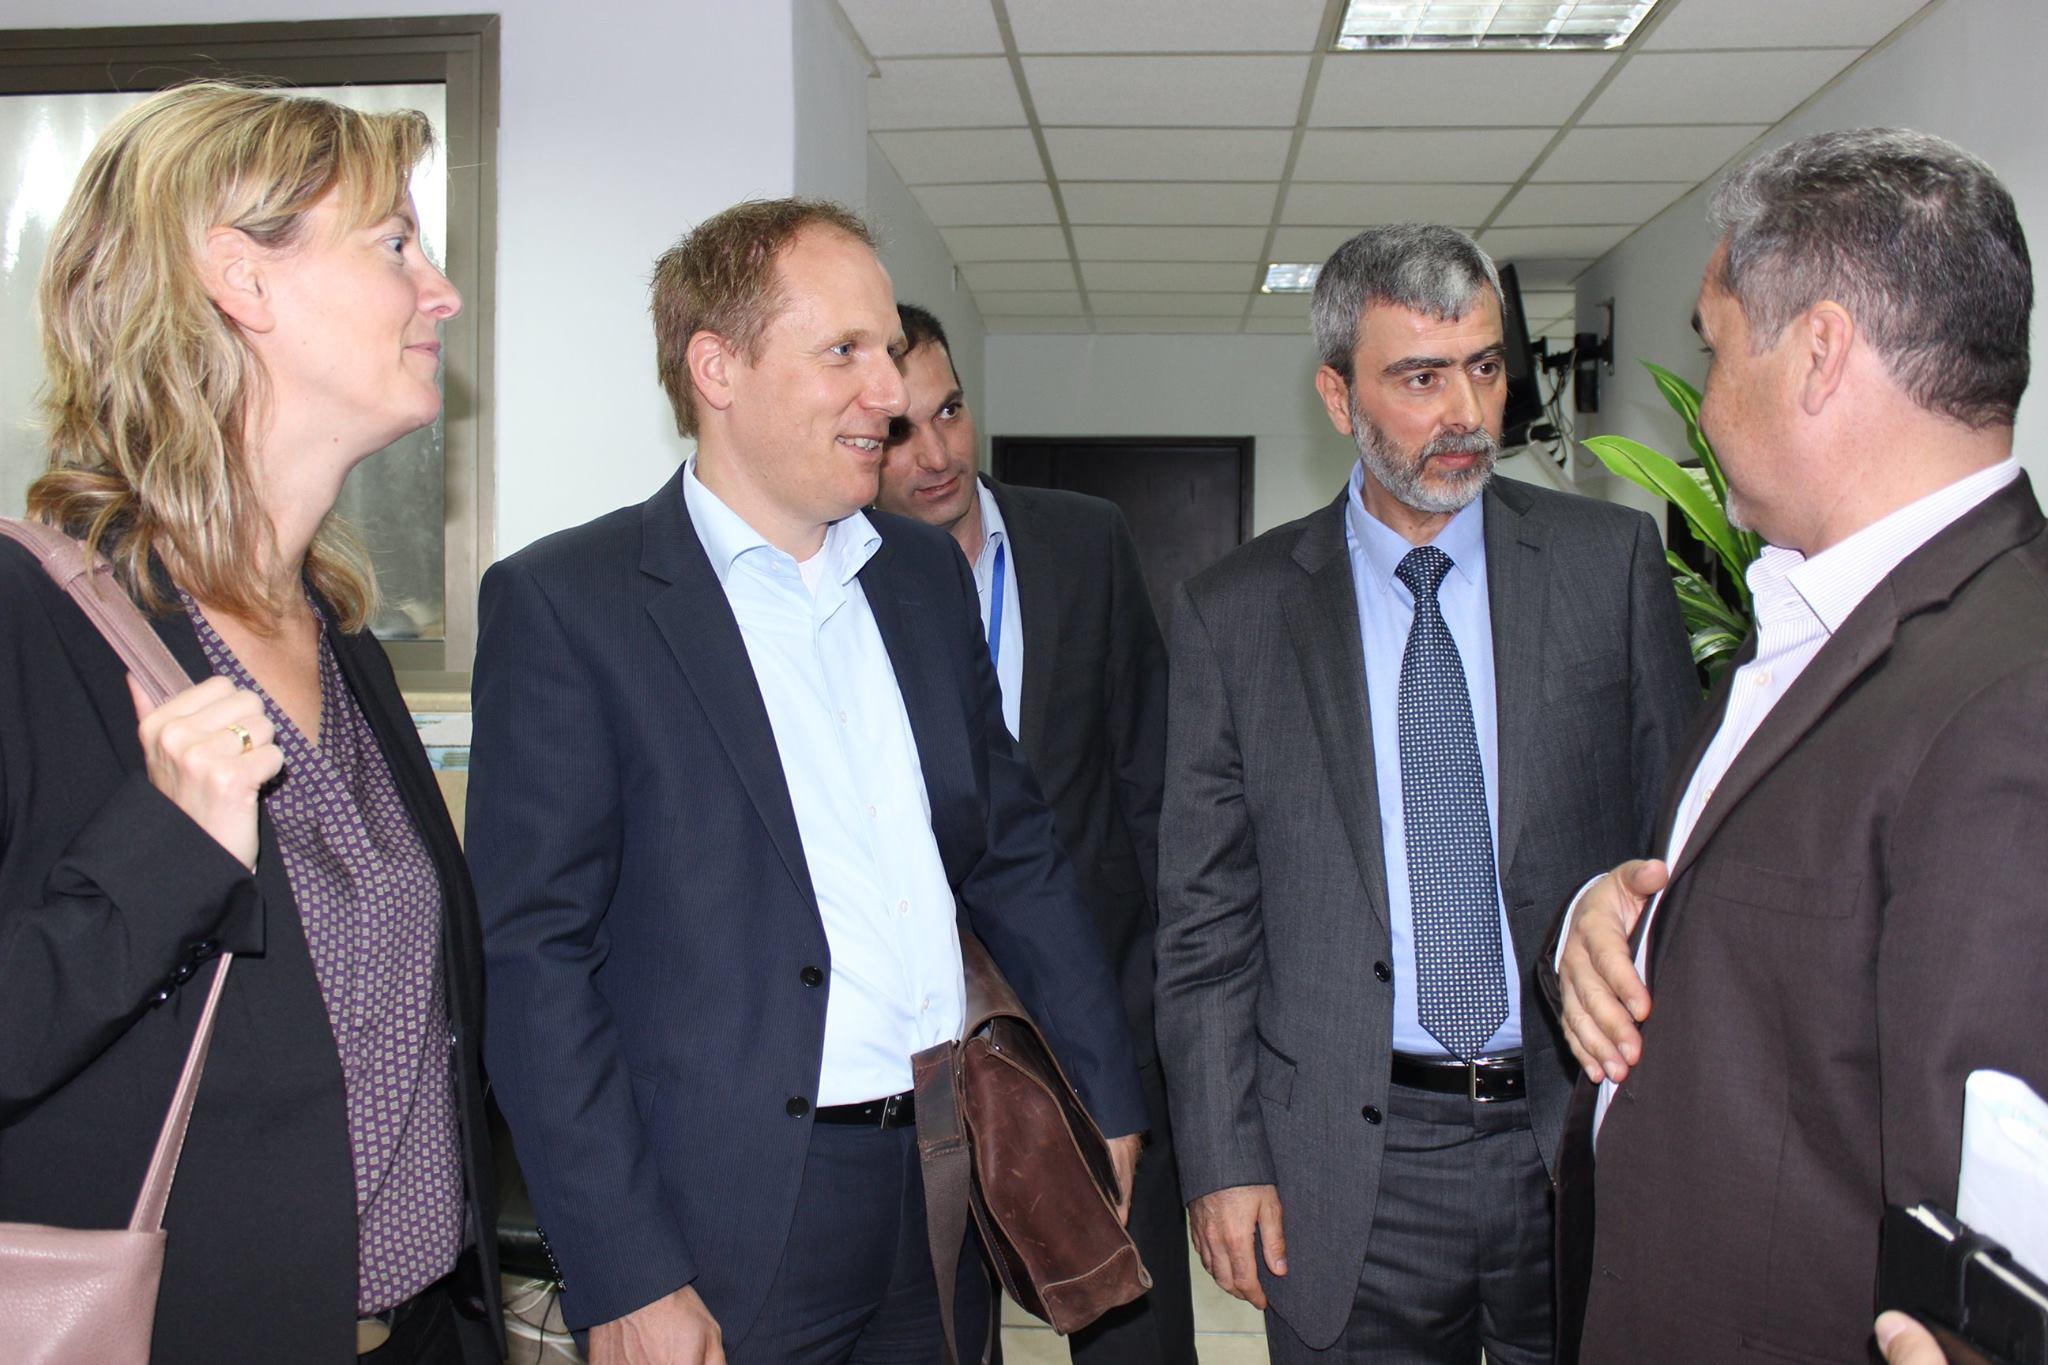 مصلحة مياه محافظة القدس ووفد الماني من ال GIZ وKFW يبحثان امكانية تنفيذ مشاريع تطورية في المخيمات